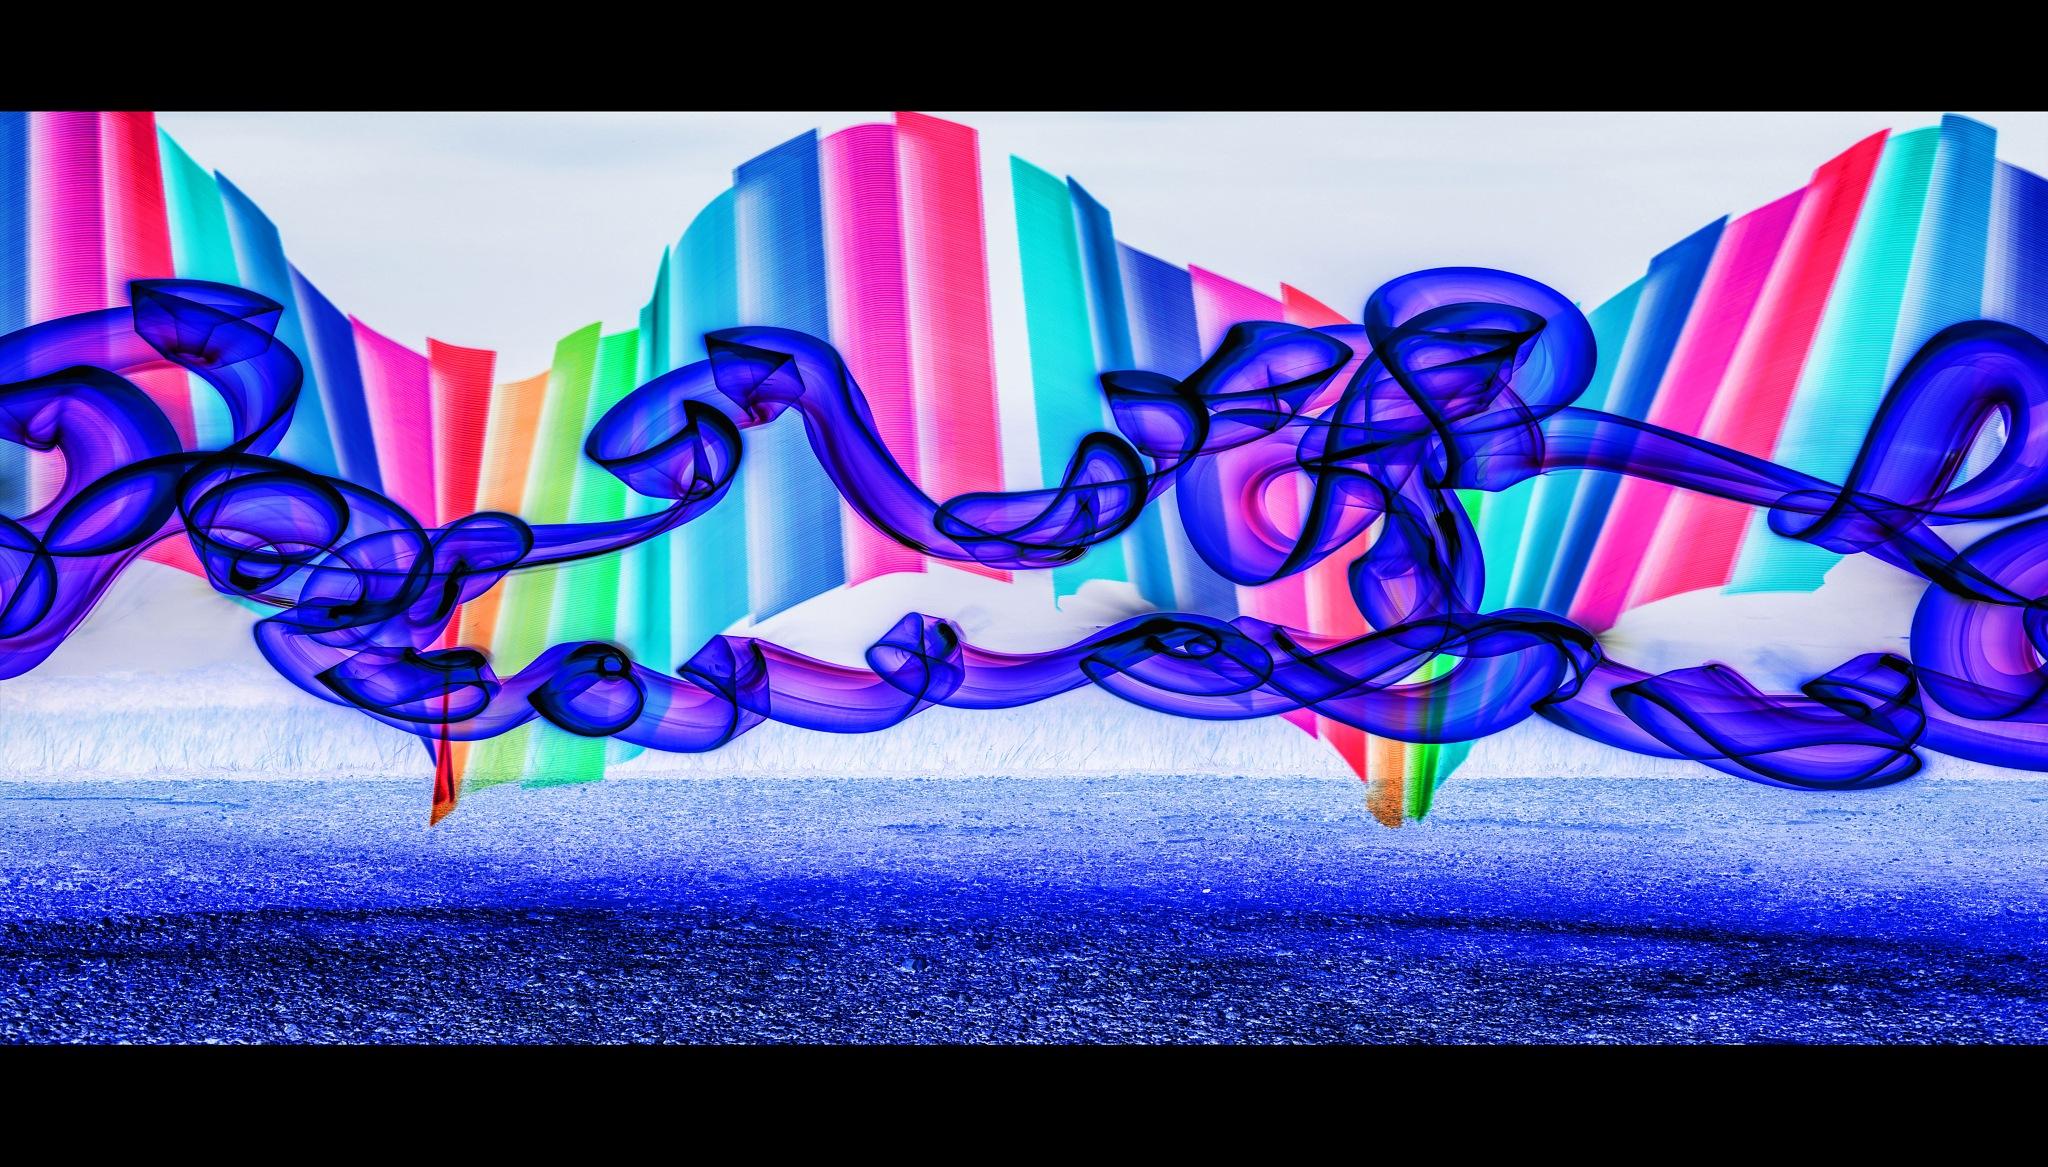 candyland by David Lustrup